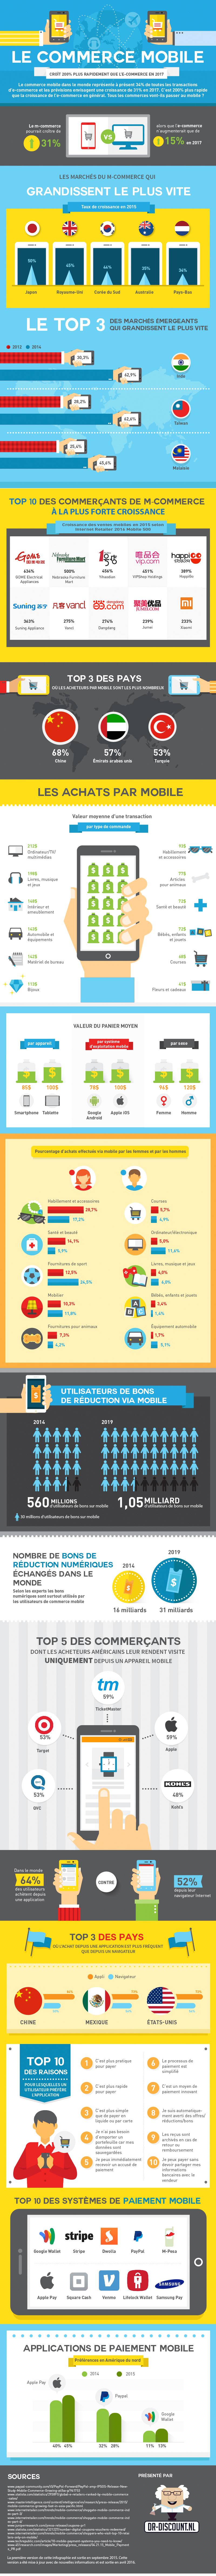 Le commerce mobile : une manière attrayante de consommer